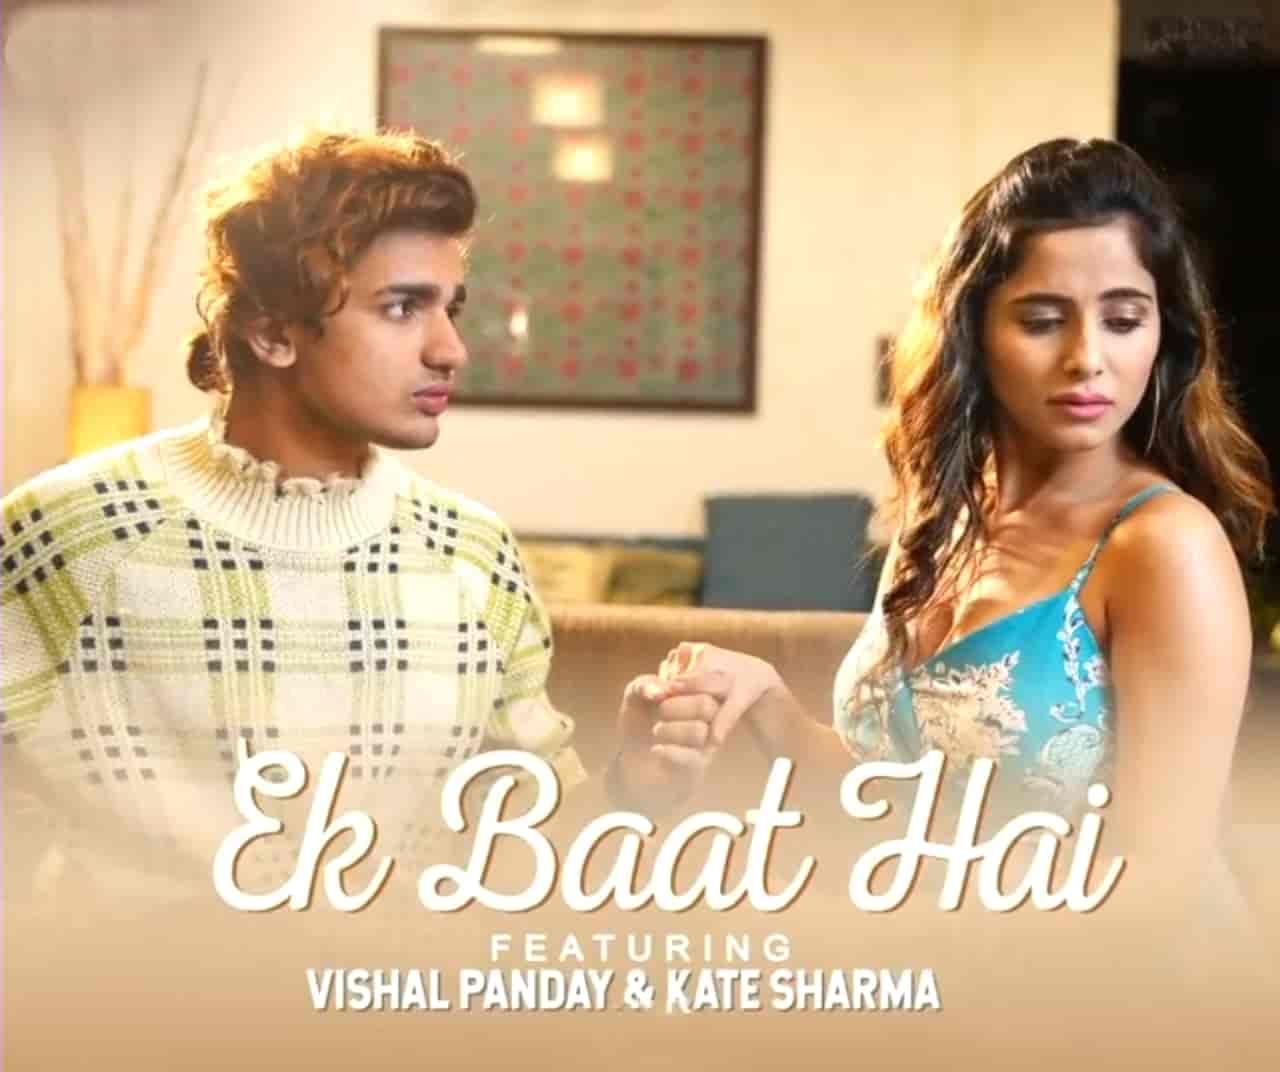 Ek Baat Hai Hindi Song Image Features Vishal Pandey And Kate Sharma